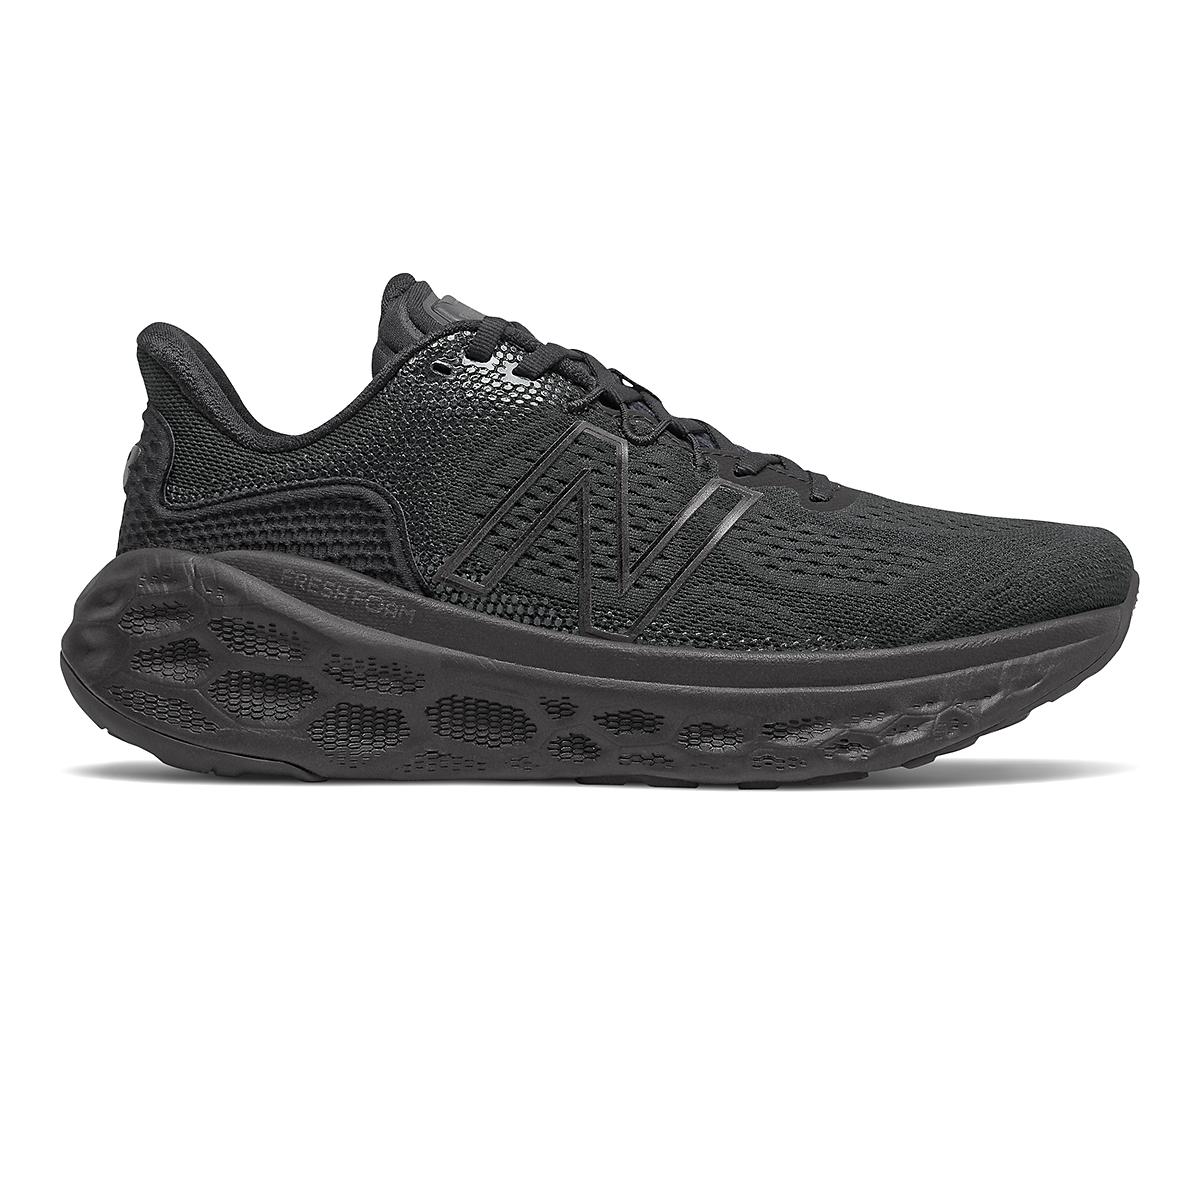 Men's New Balance Fresh Foam More V3 Running Shoe - Color: Black - Size: 7 - Width: Wide, Black, large, image 1